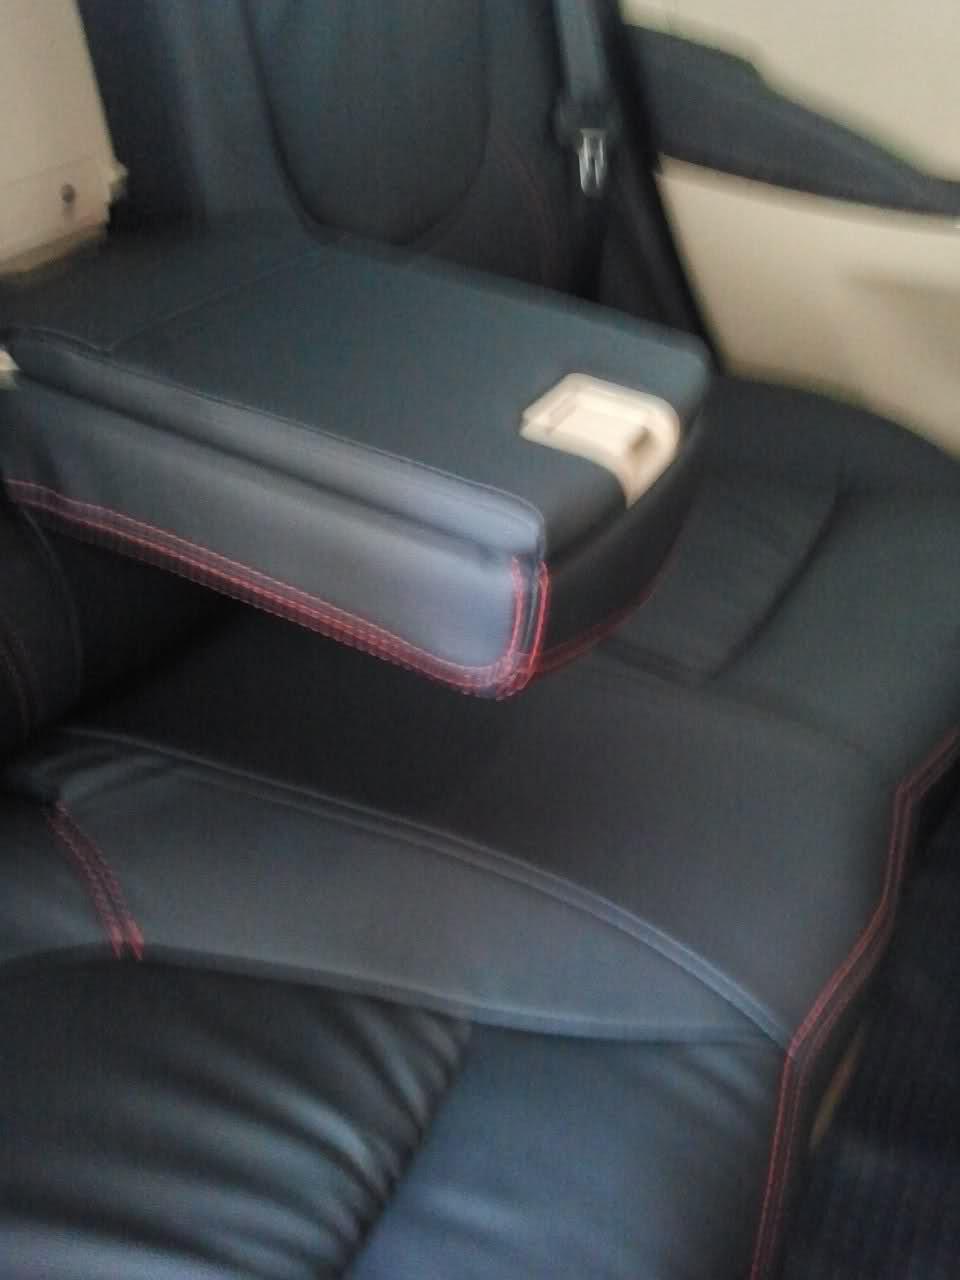 The All New Black Hyundai Verna Fluidic Arrives